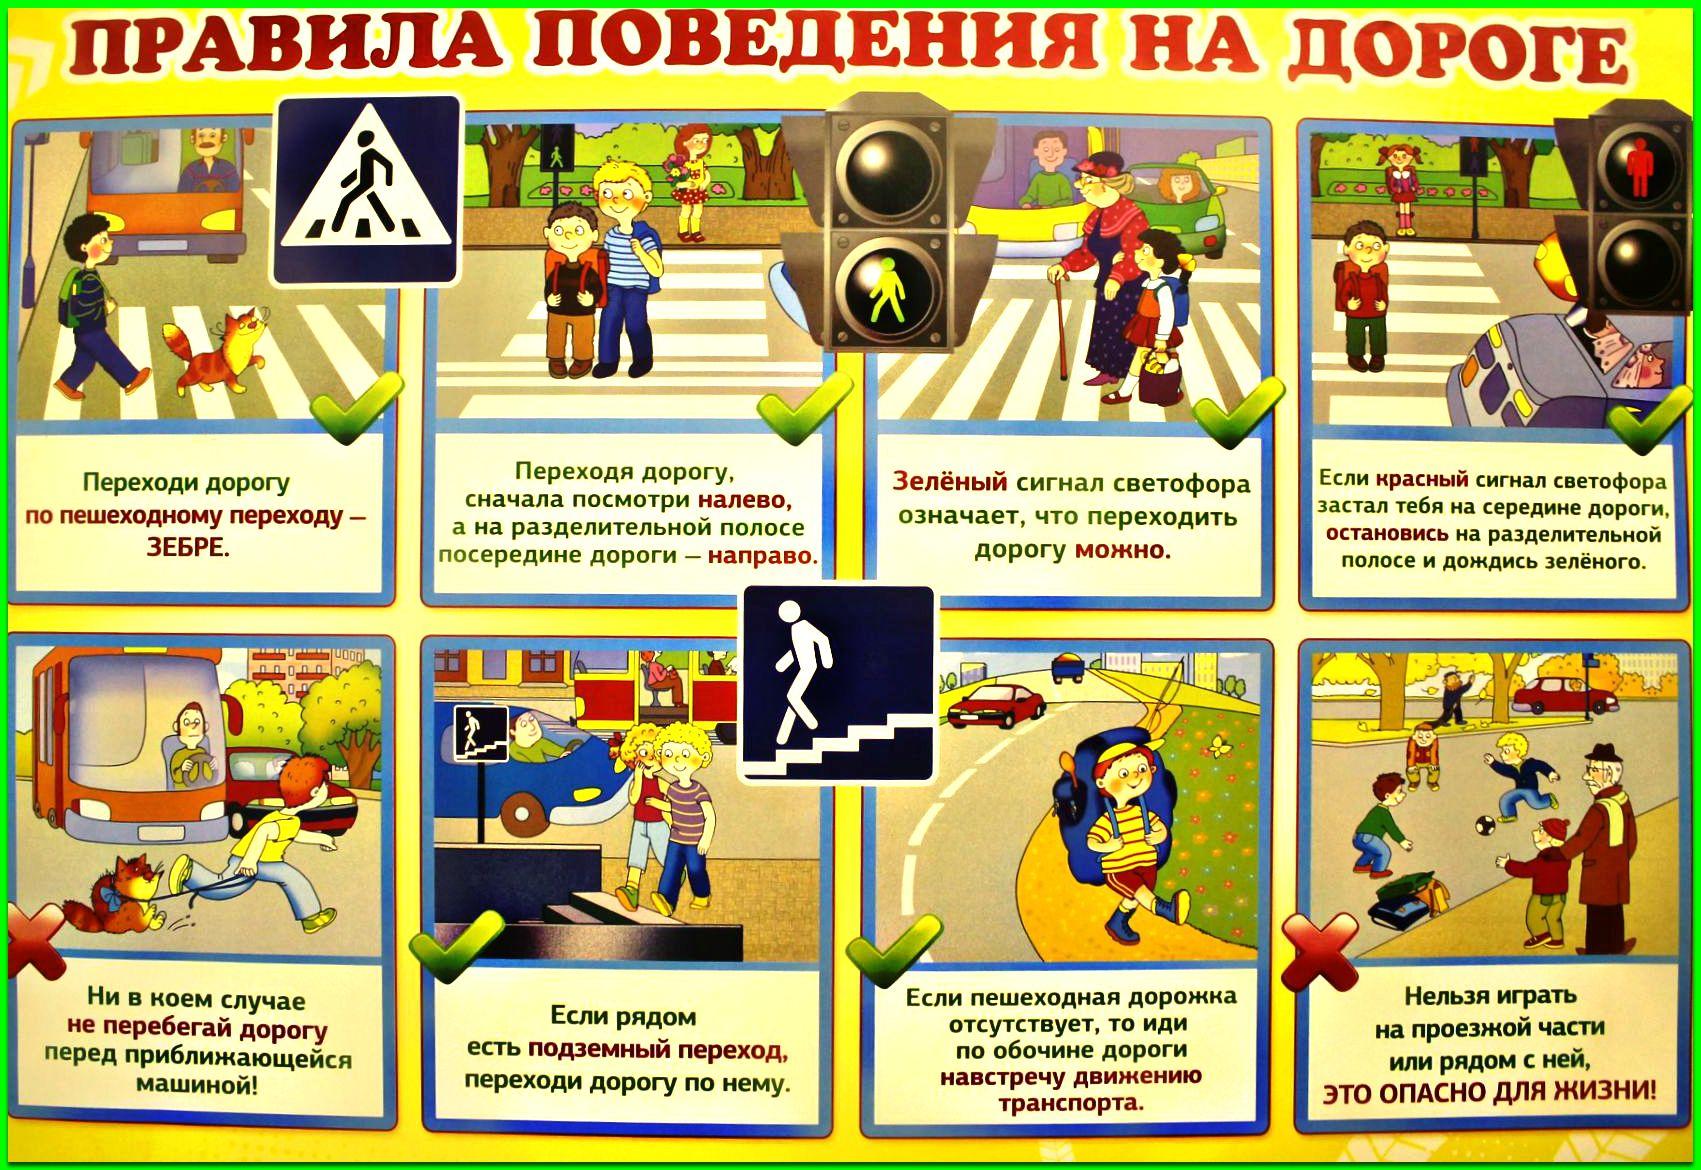 Правила поведения на дороге